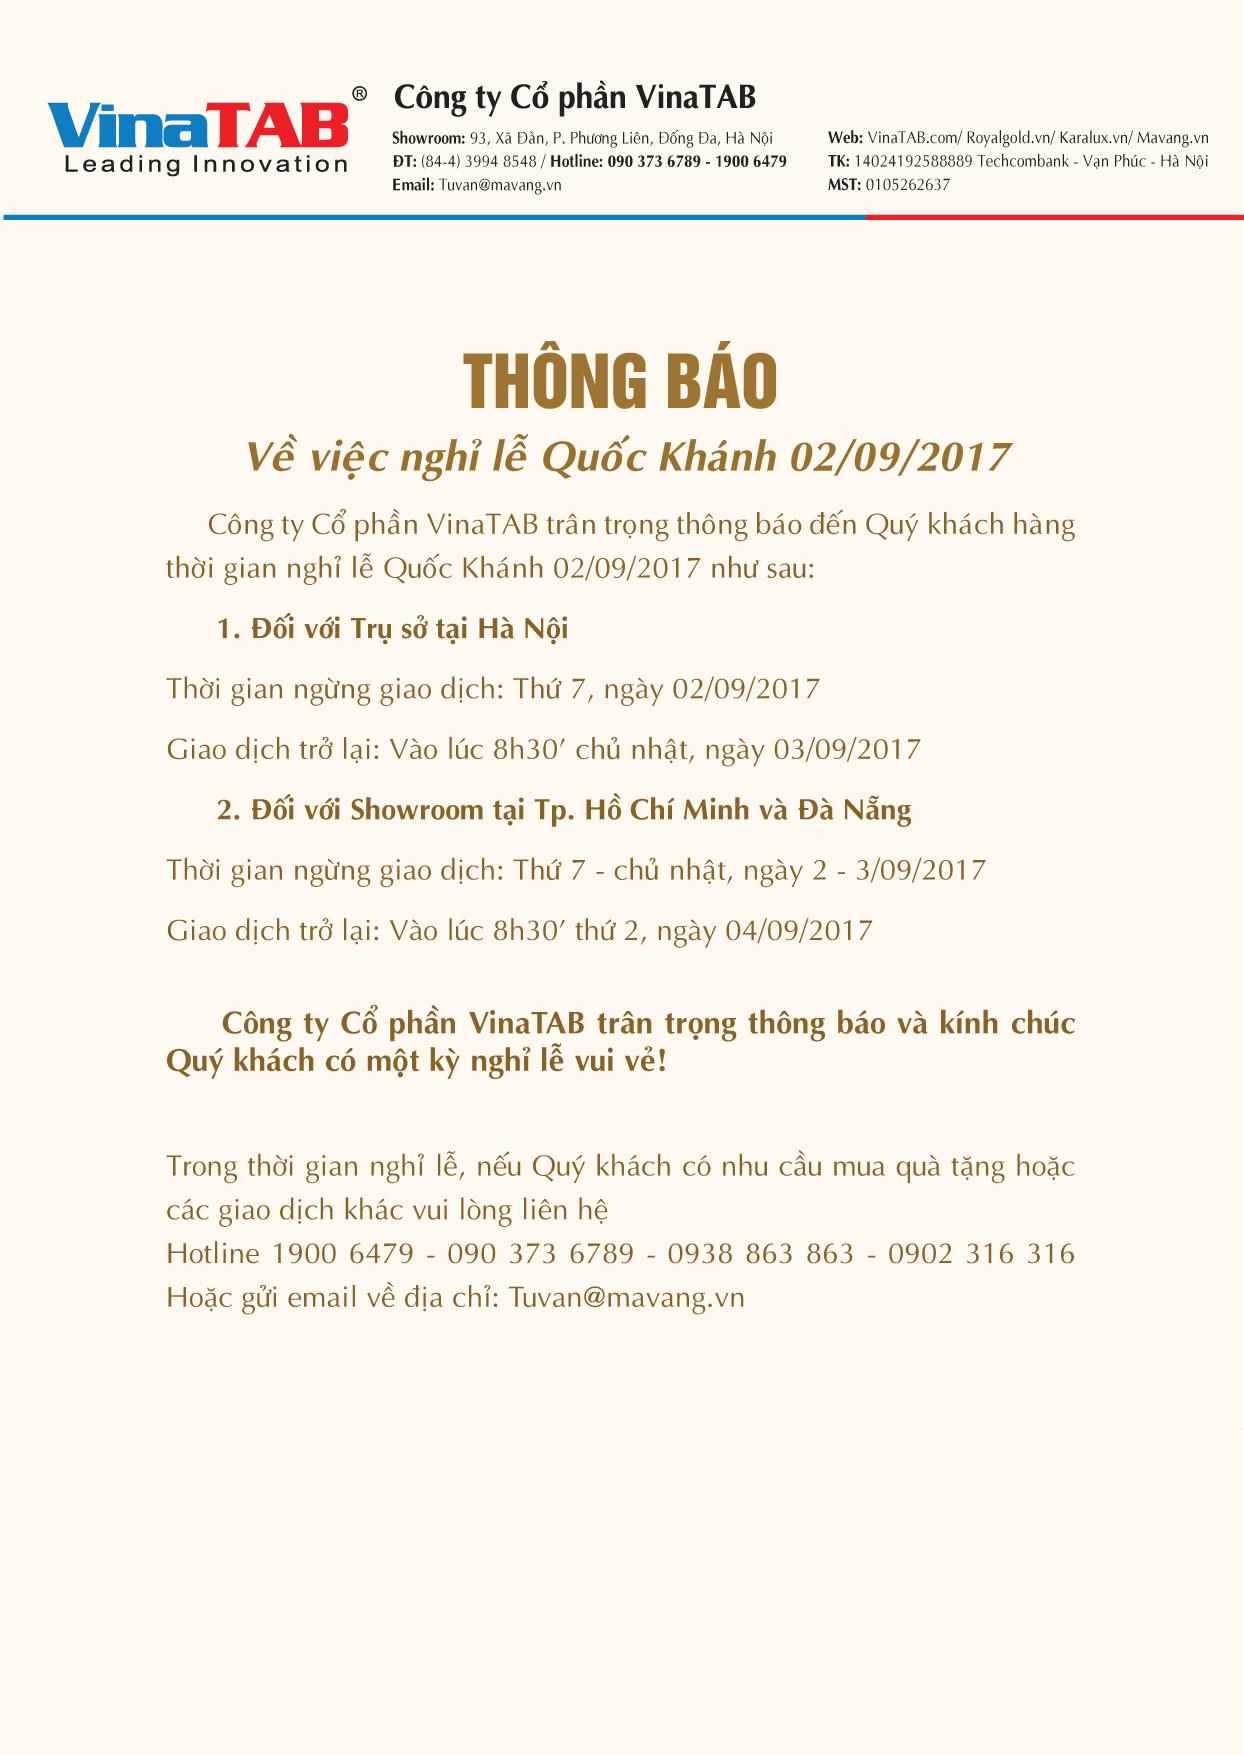 lich nghi le quoc khanh 02-09-2017